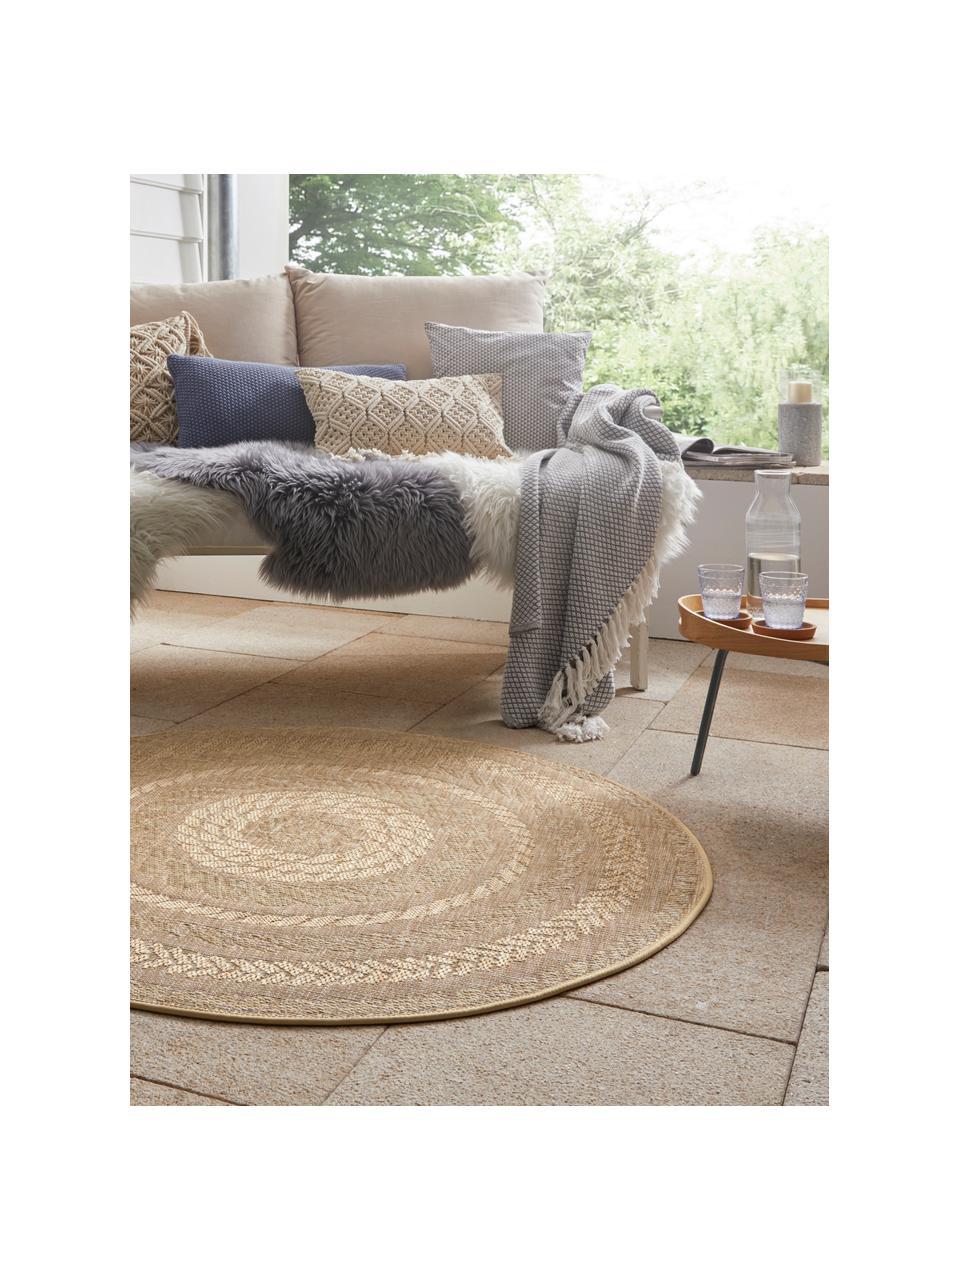 Runder In- & Outdoor-Teppich Almendro in Jute Optik, 100% Polypropylen, Beige, Braun, Ø 160 cm (Größe L)